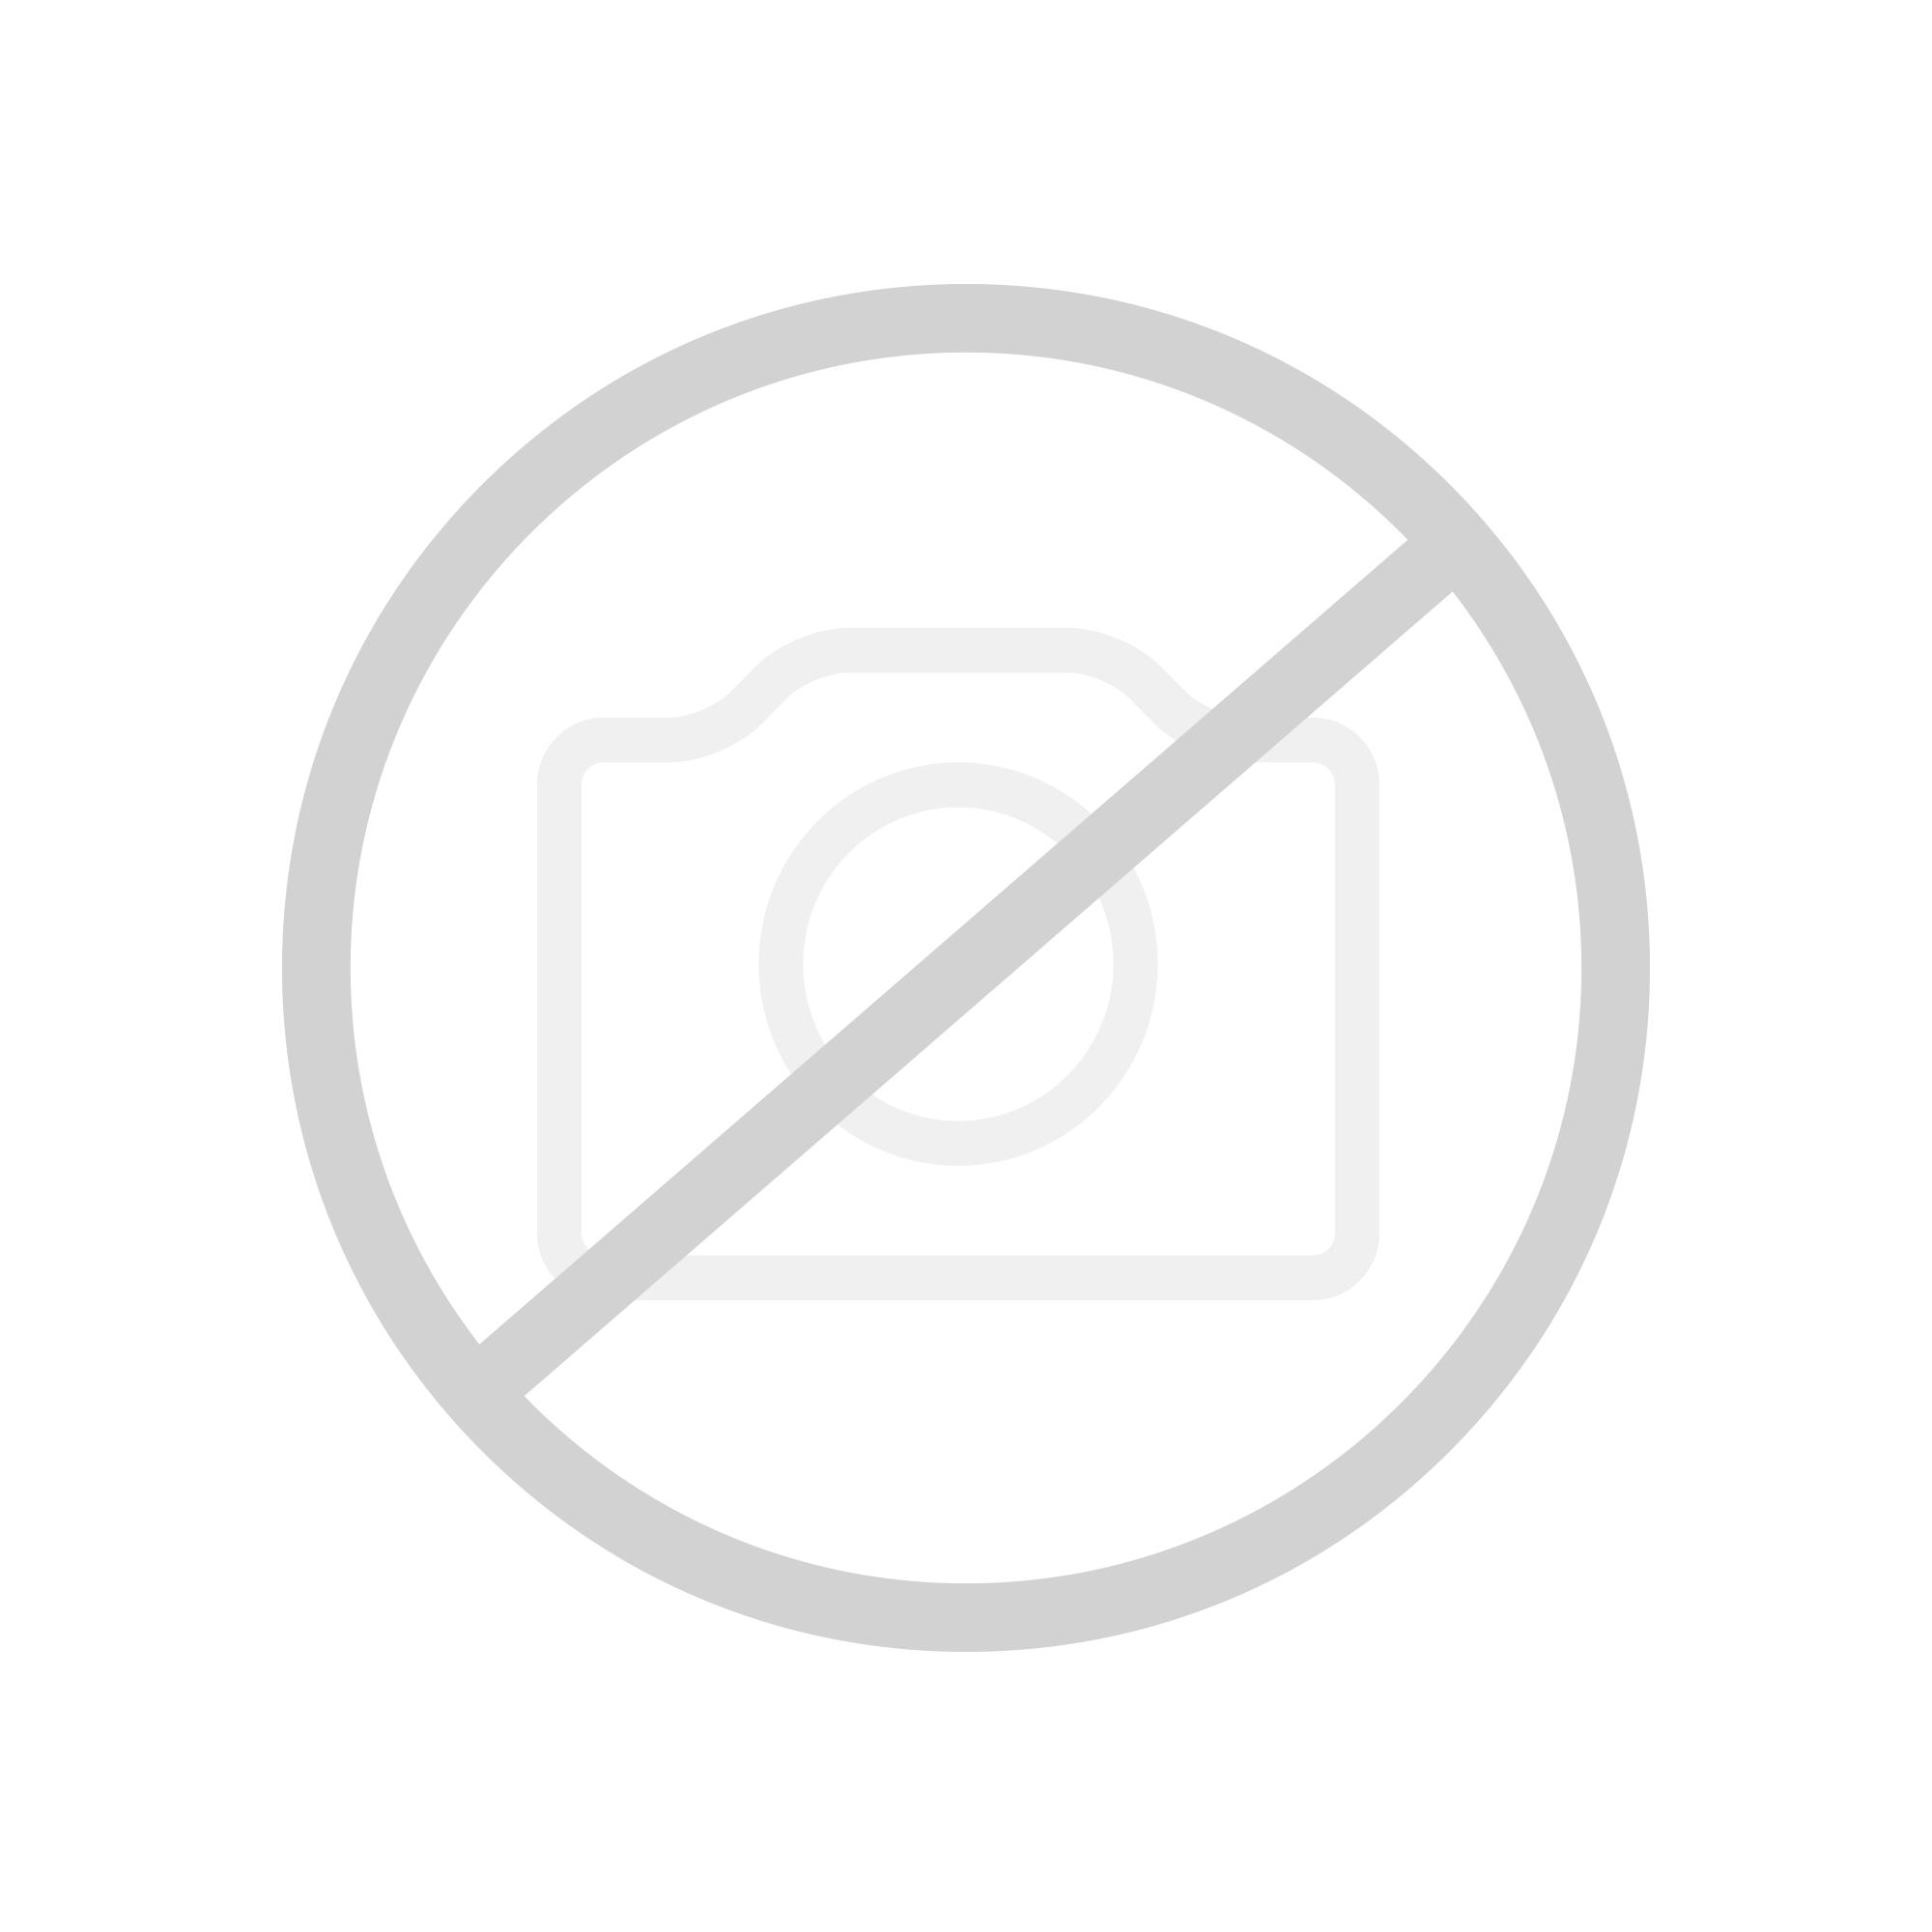 Steinberg Serie 100 Fertigmontageset für Brause-Unterputzthermostat mit 3-Wege-Umsteller